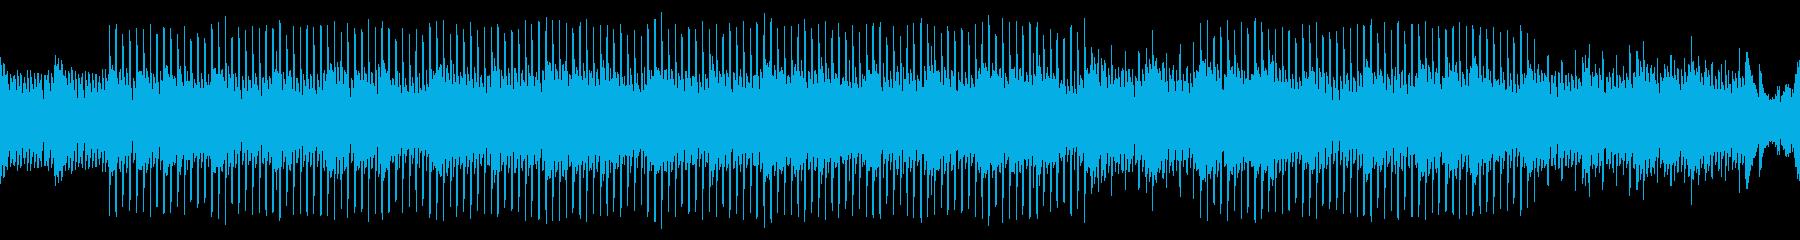 【ループ】ポジティブで軽快/希望_1の再生済みの波形